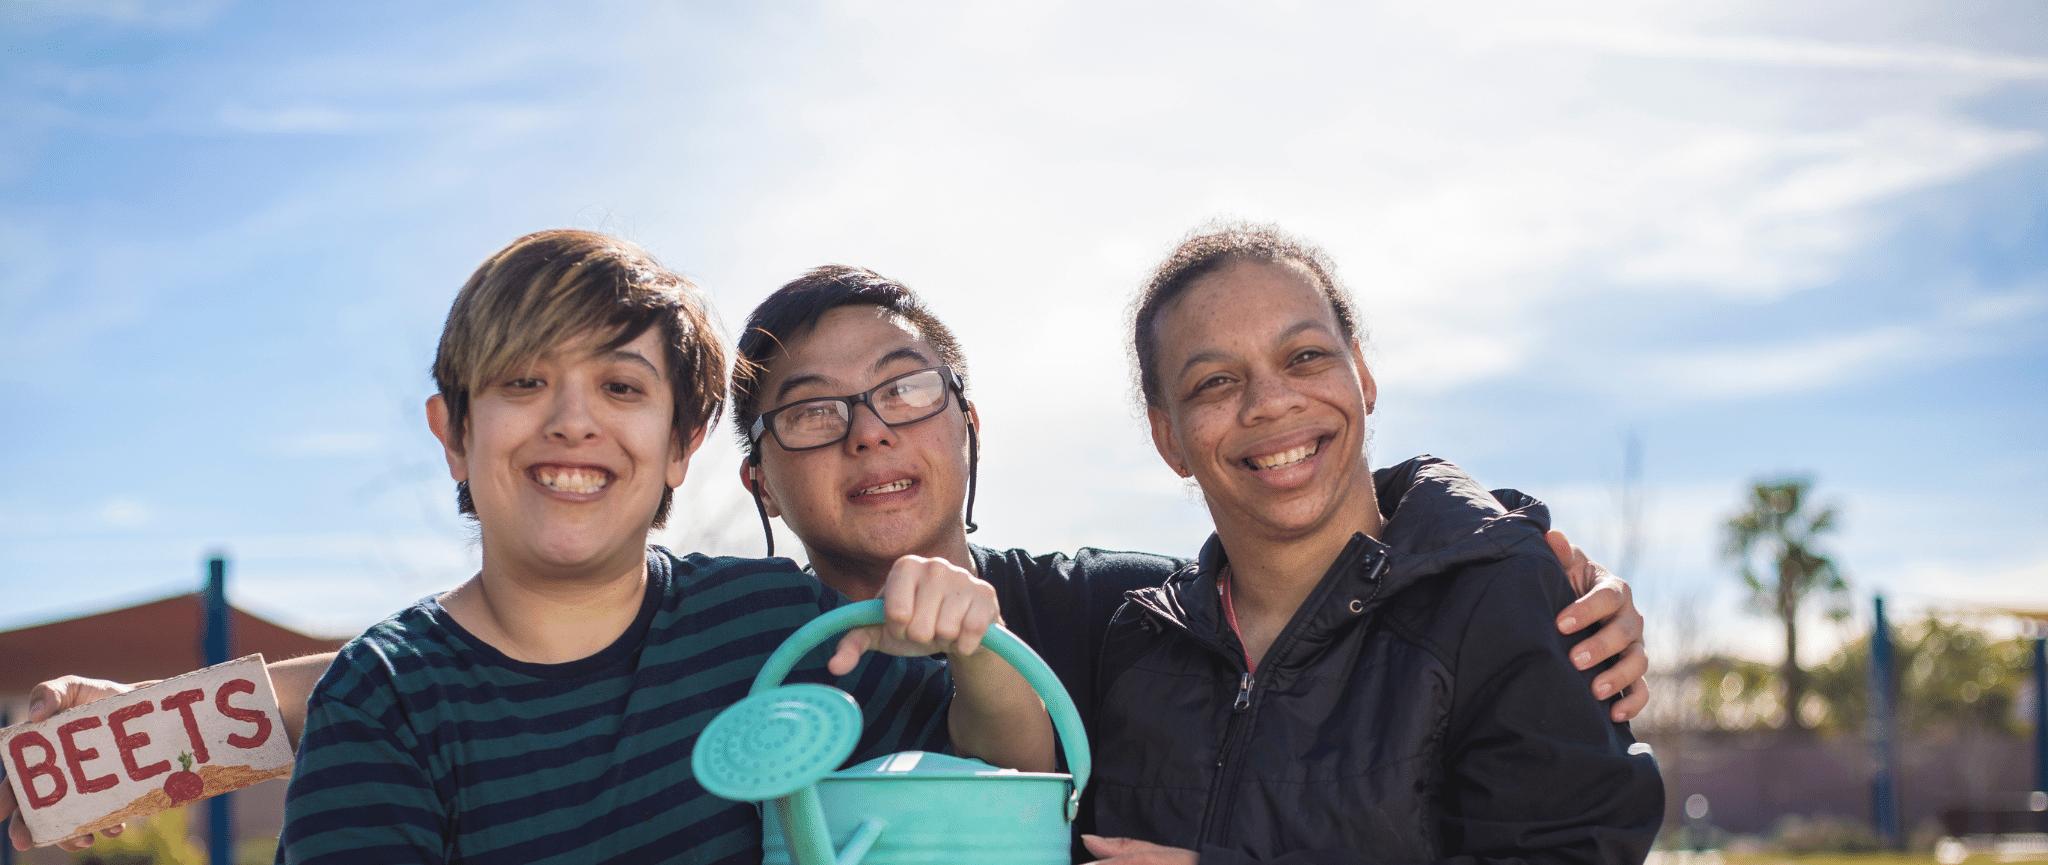 Trois jeunes personnes de différentes cultures qui sourient.